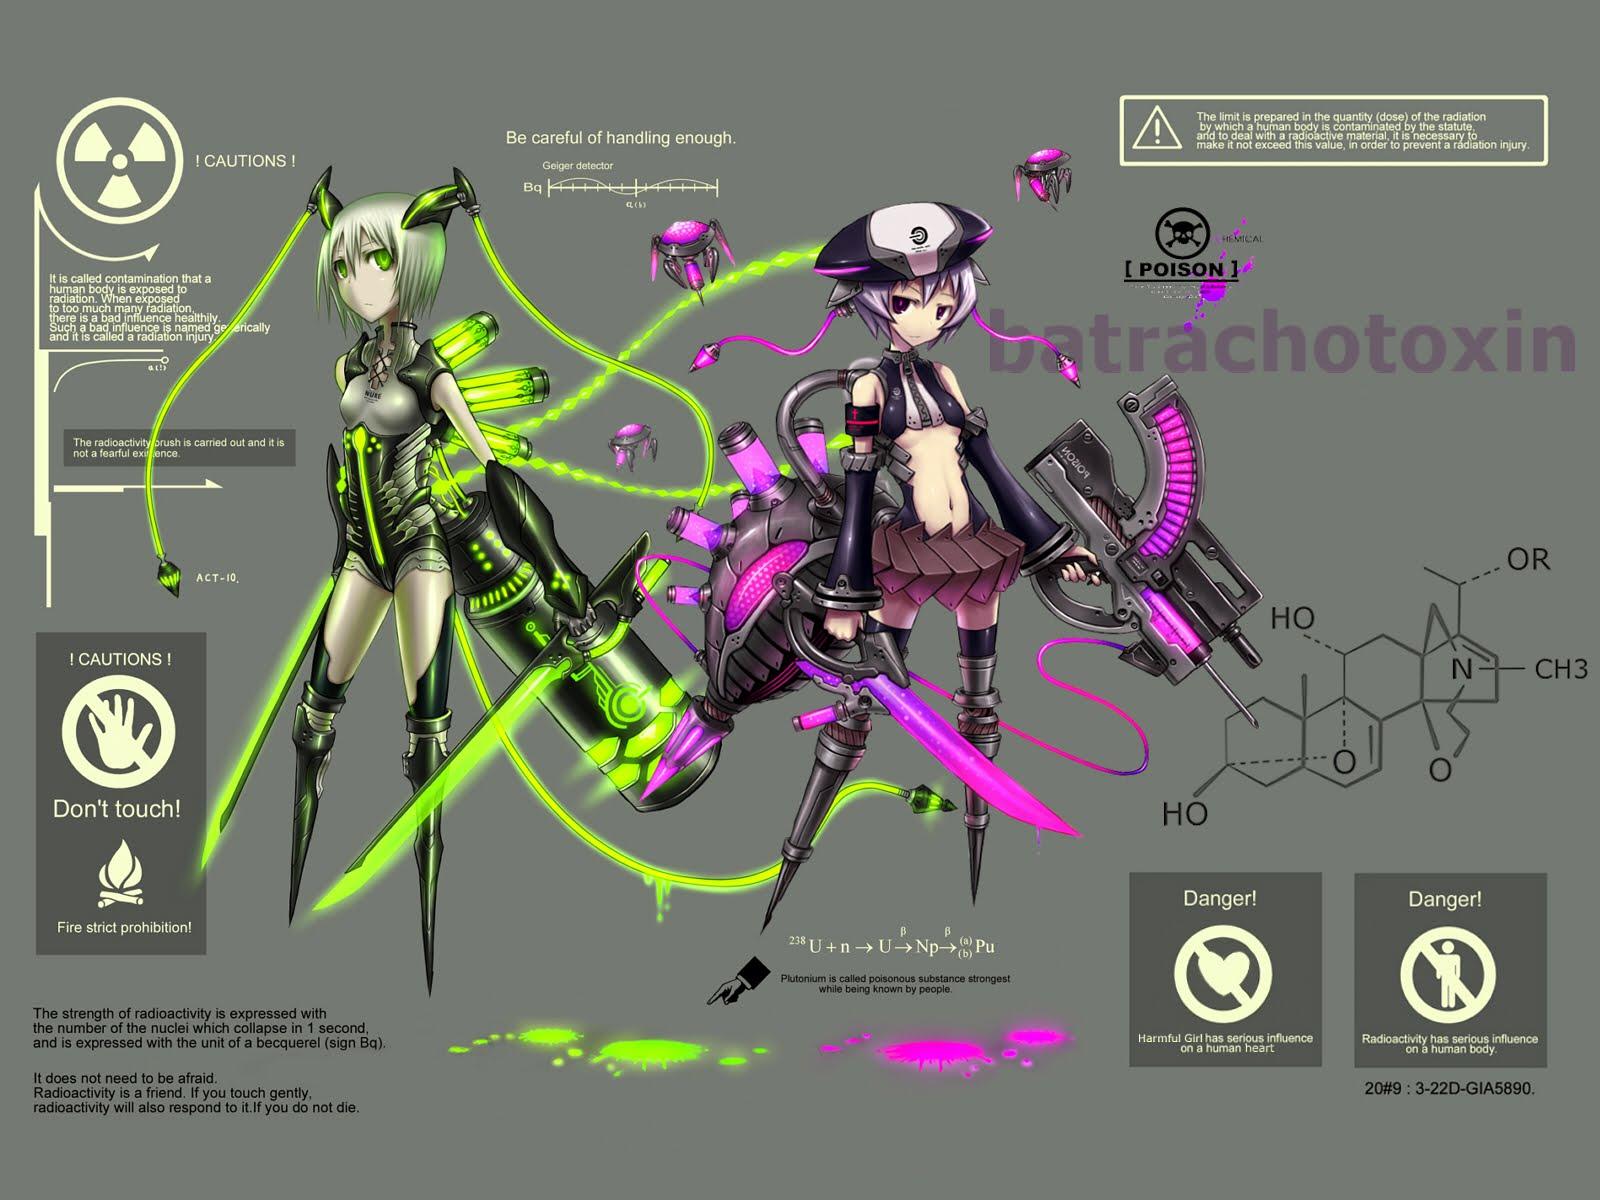 http://1.bp.blogspot.com/_TM0Qm0a6wgE/SwQ0St4IgdI/AAAAAAAAAkE/si_PEg8Cu_0/s1600/Konachan.com+-+63181+cyborg+tagme.jpg